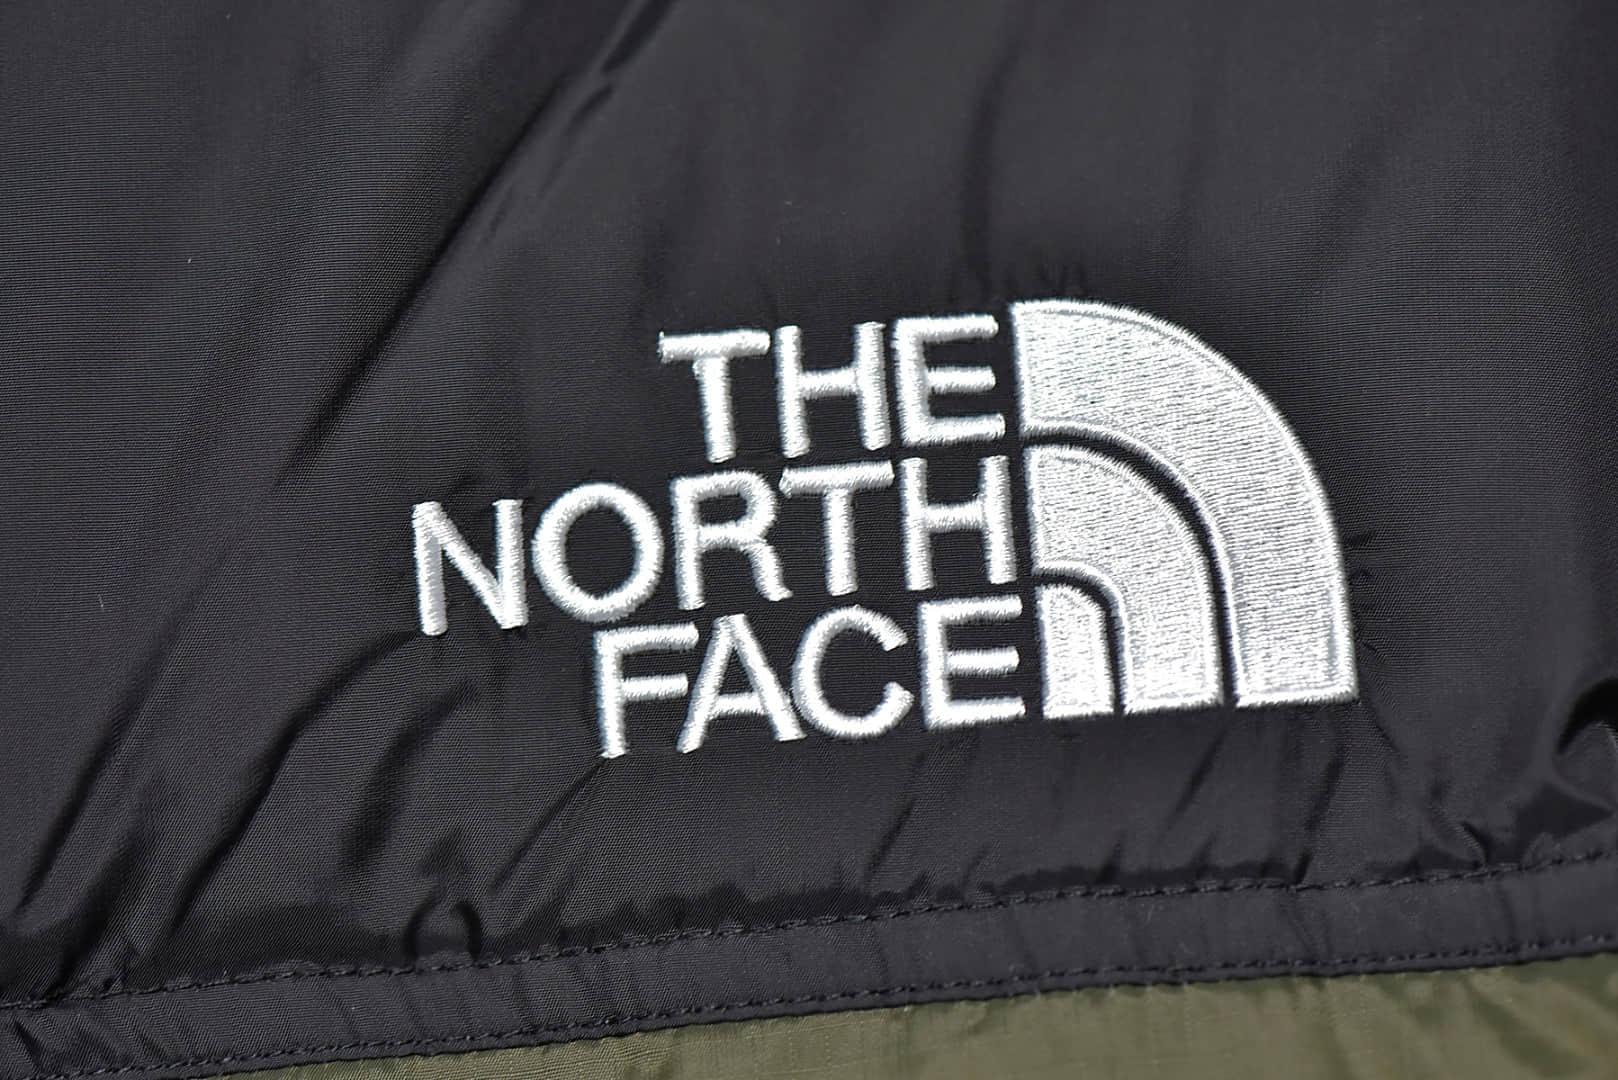 北面羽绒服黑绿配色 The North Face 19Fw 1996 Nuptse 莆田顶级北面羽绒服正品复刻新国际标准80白鸭绒-潮流者之家